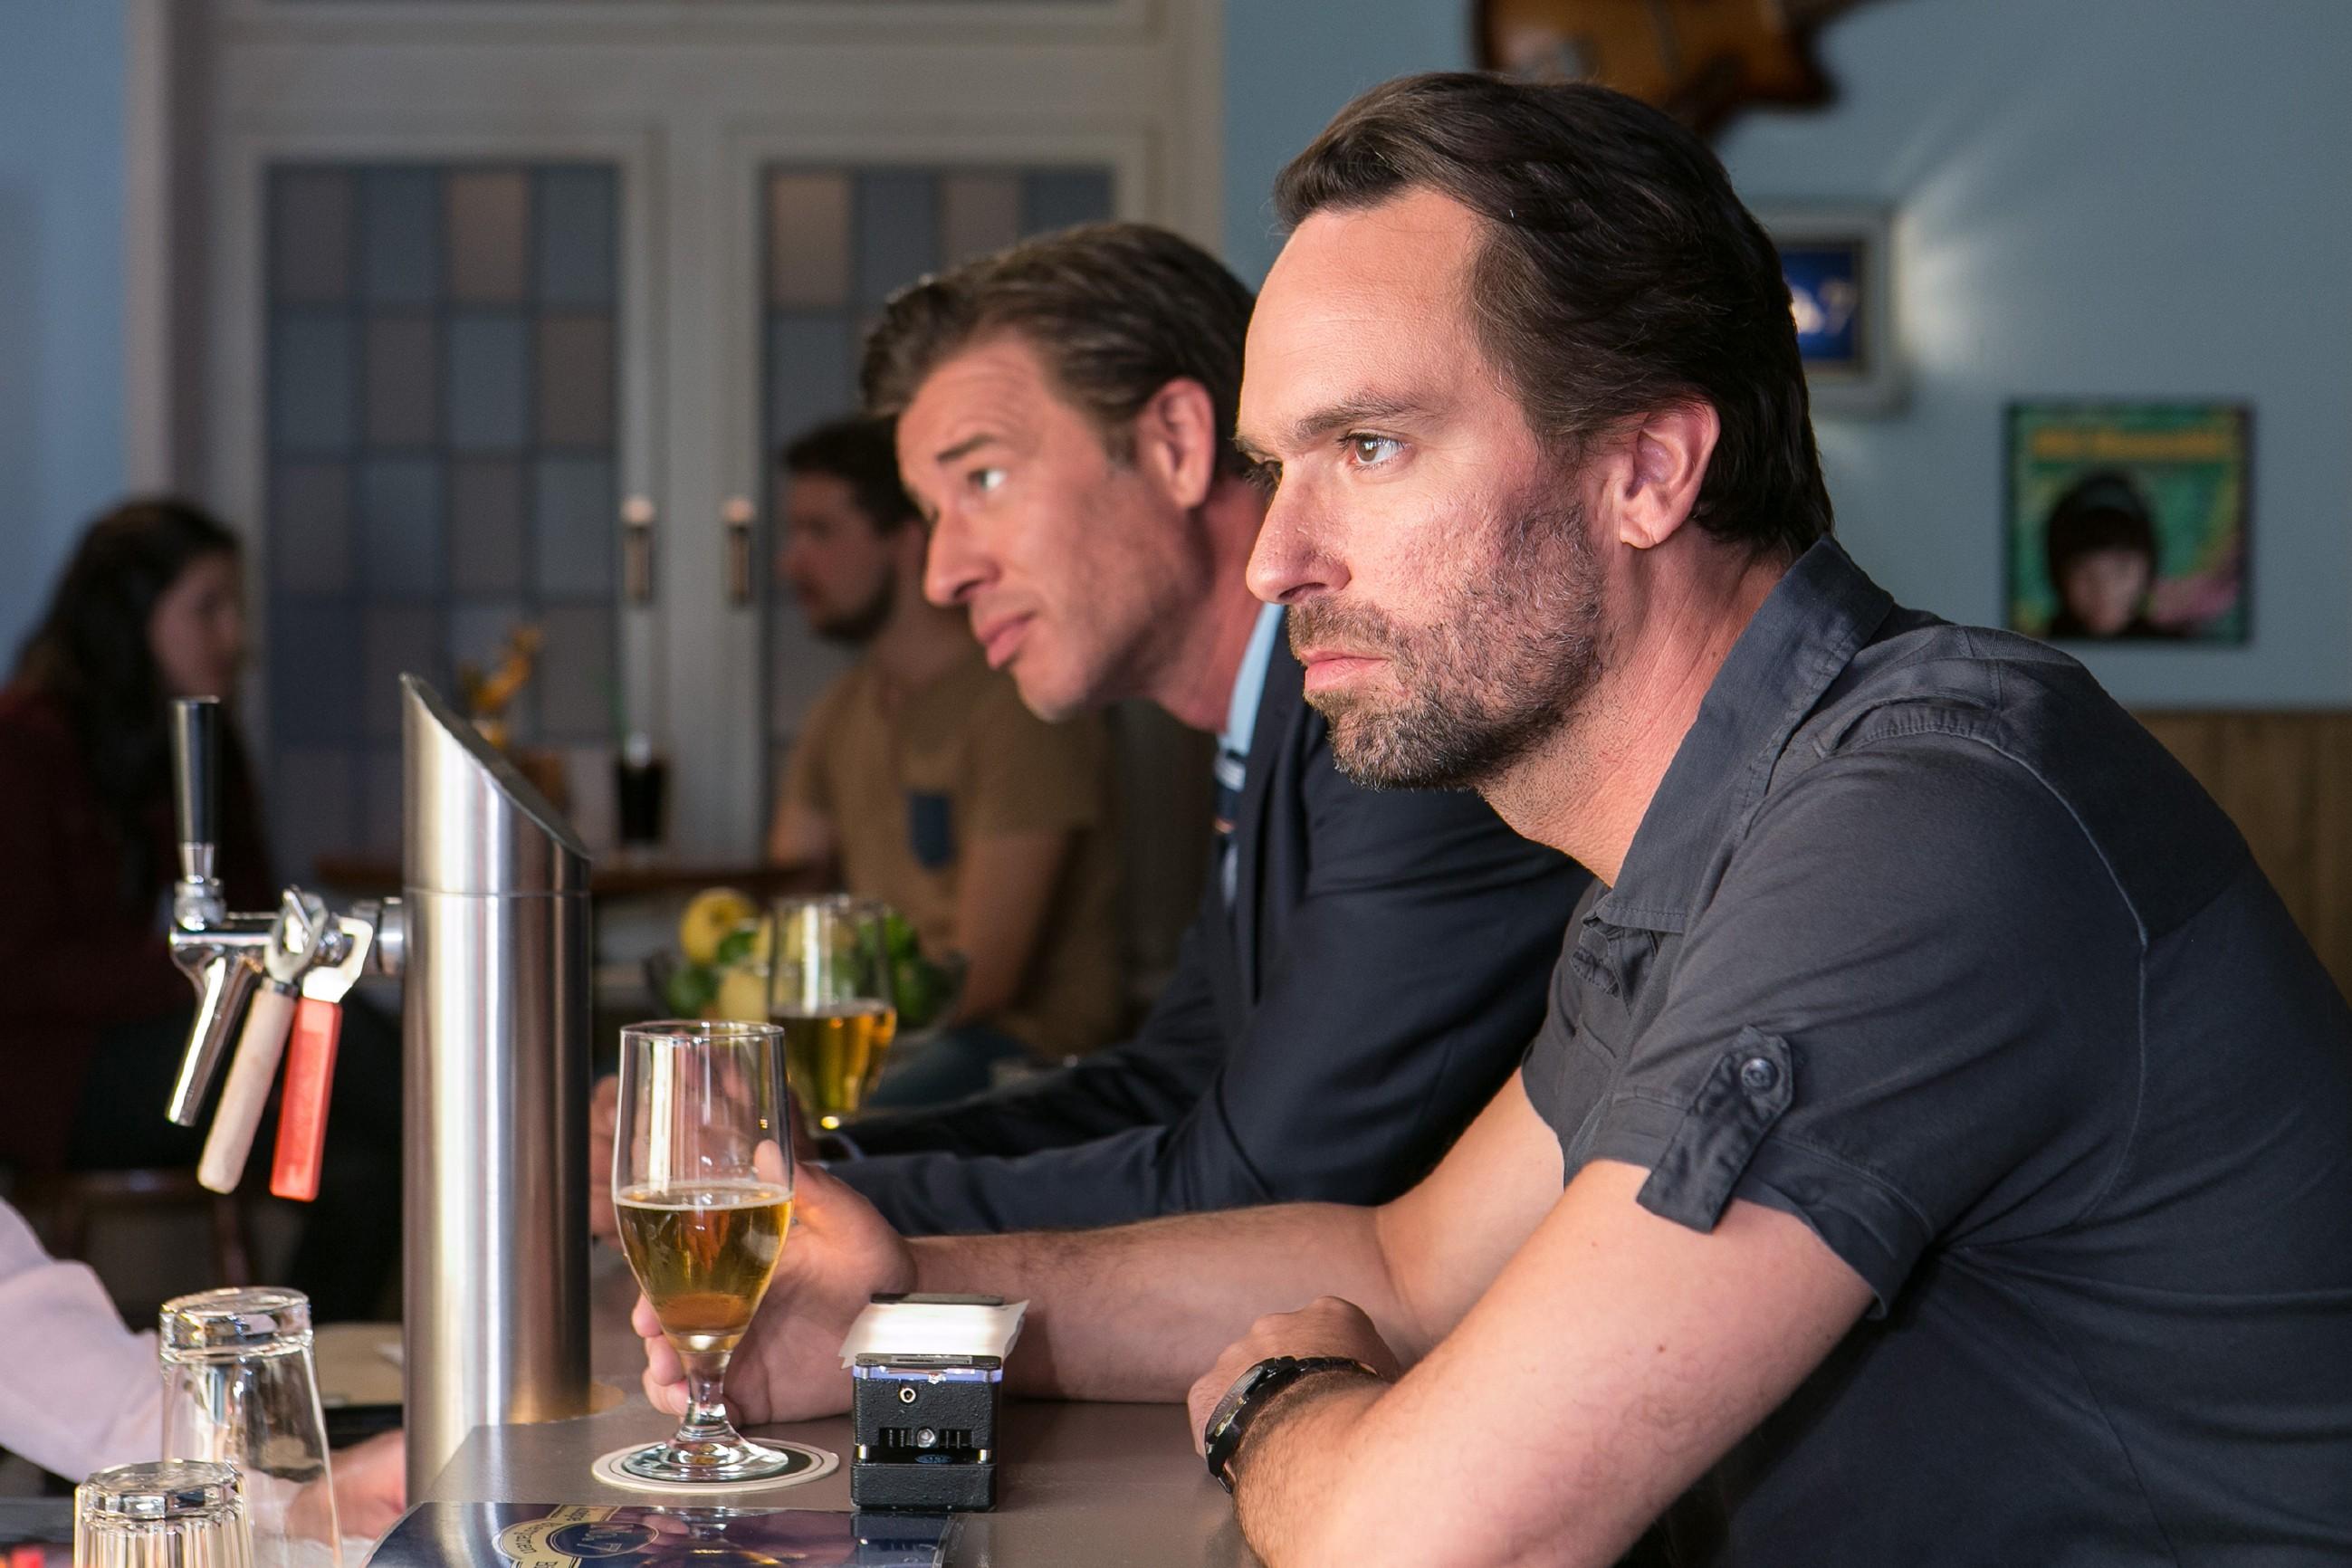 Thomas (Daniel Brockhaus, r.) sitzt mit dem deprimierten Christoph (Lars Korten) an der Theke und in ihm reift der Entschluß, um sein verlorenes Glück zu kämpfen. (Quelle: © RTL / Kai Schulz)